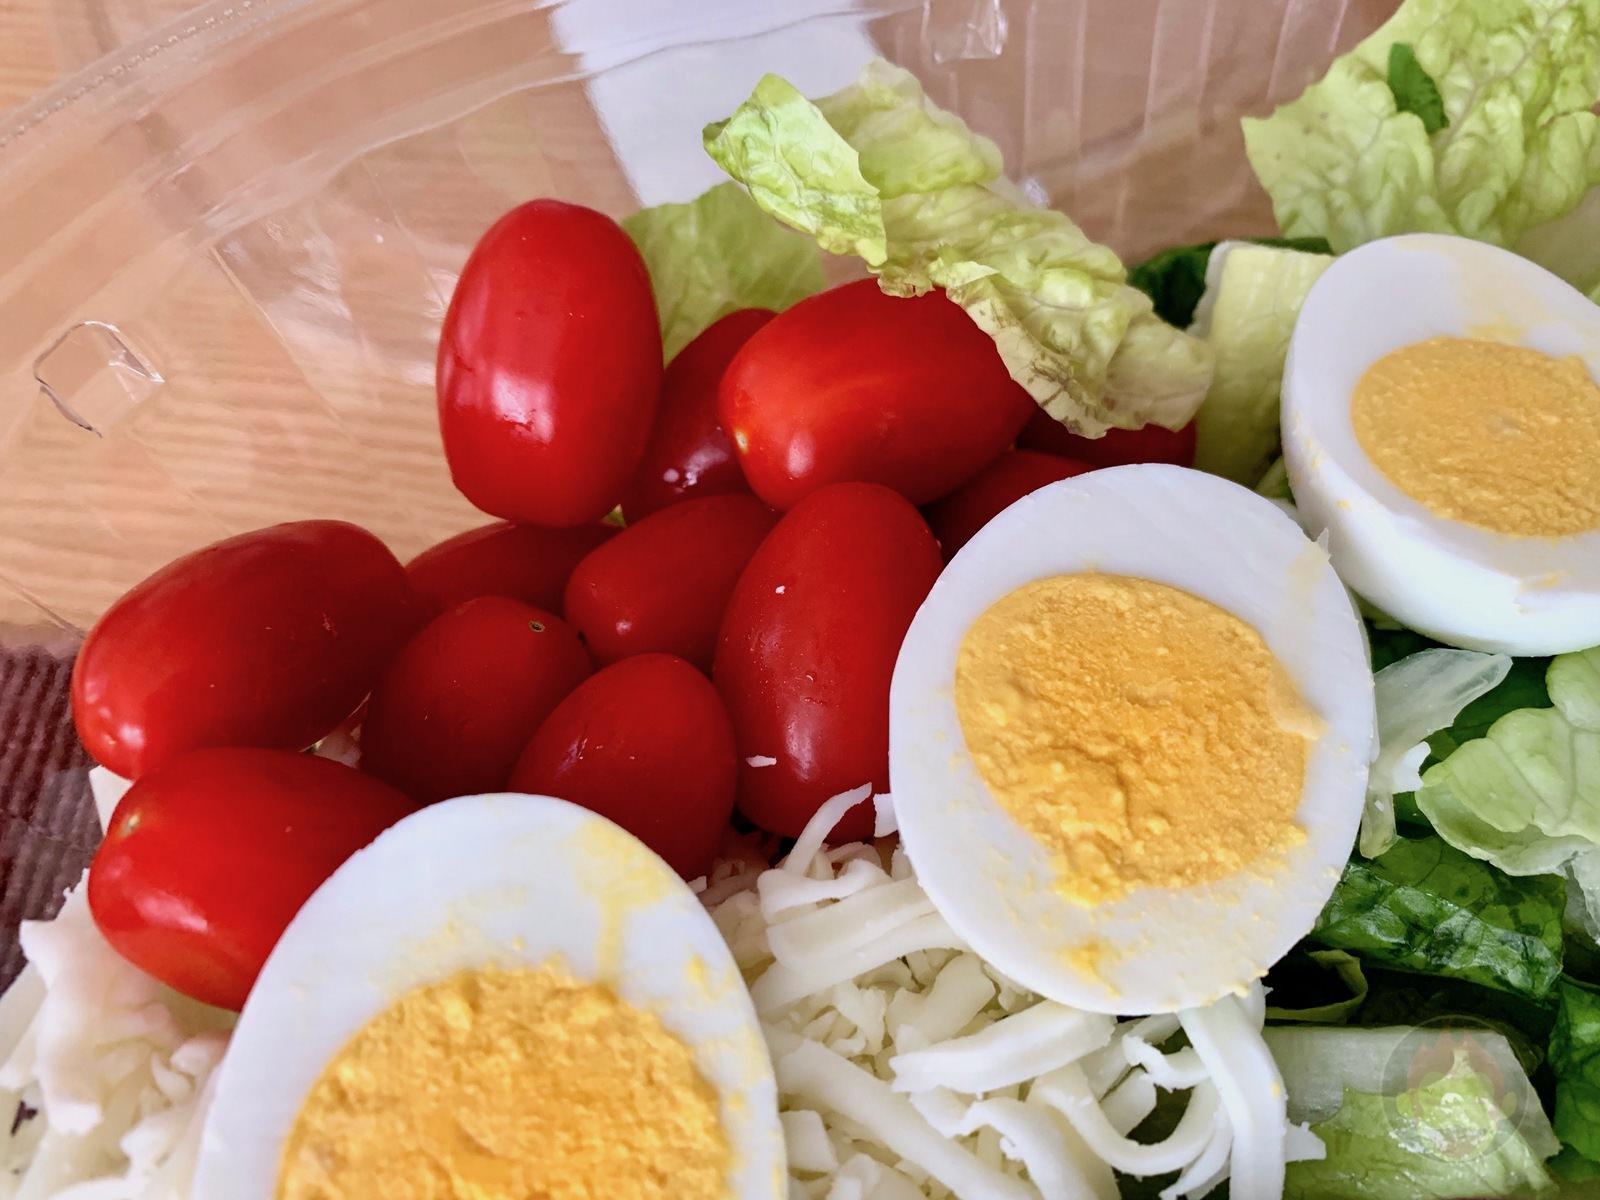 Costco Cobb Salad 09